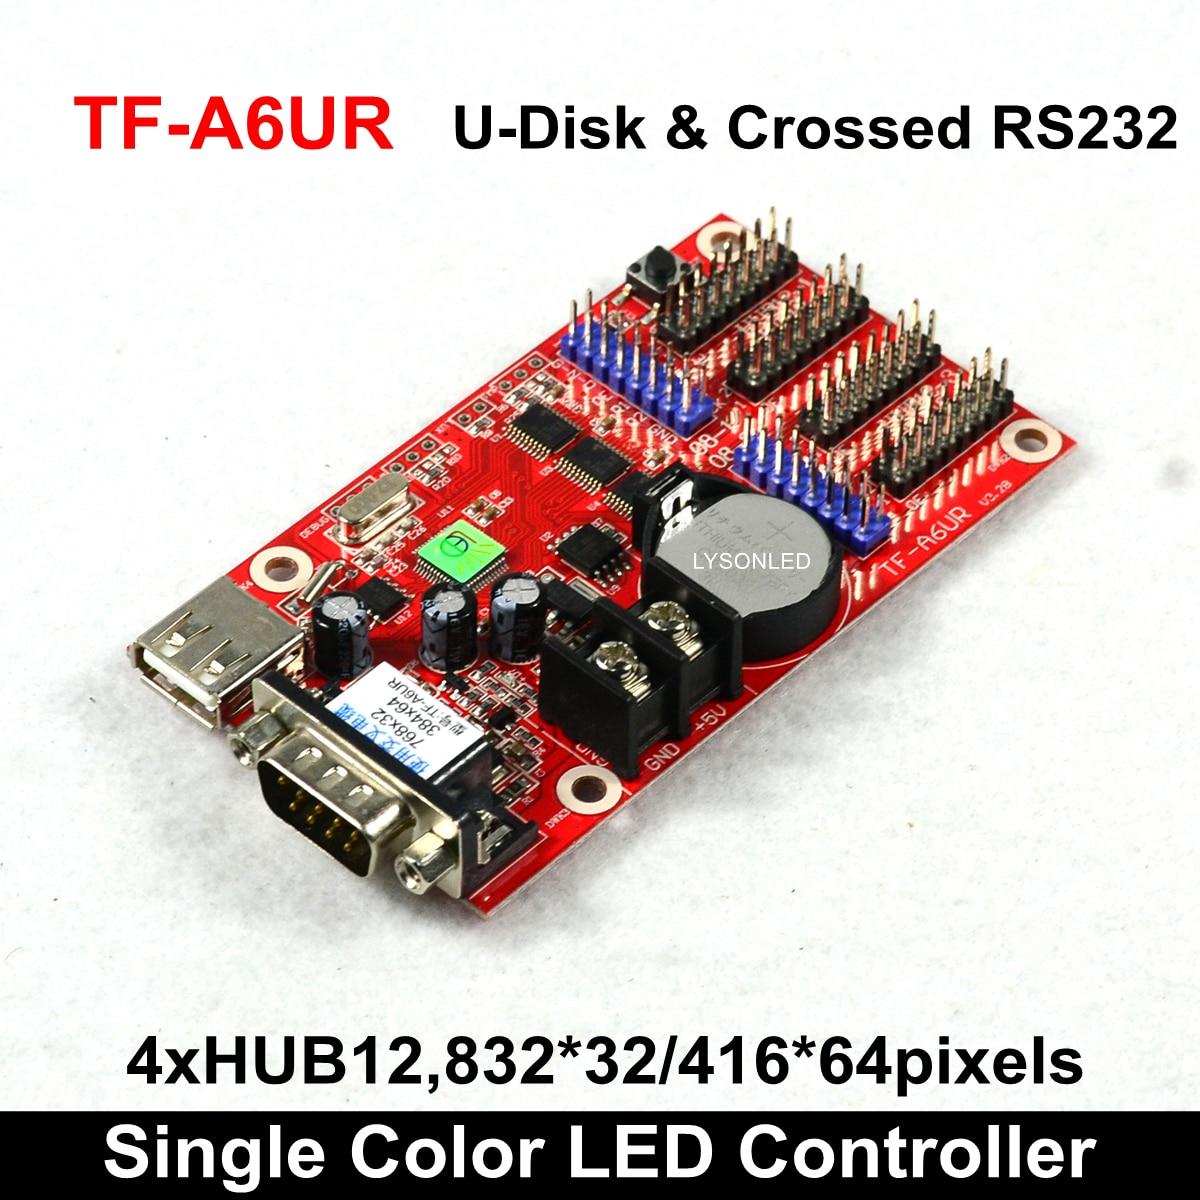 Small USB-Disk Card TF-S6U/TF-A6U/TF-S6UR/TF-A6UR,P4.75 P7.62 P10 Single Color Double Color Best USB Driver LED Controller